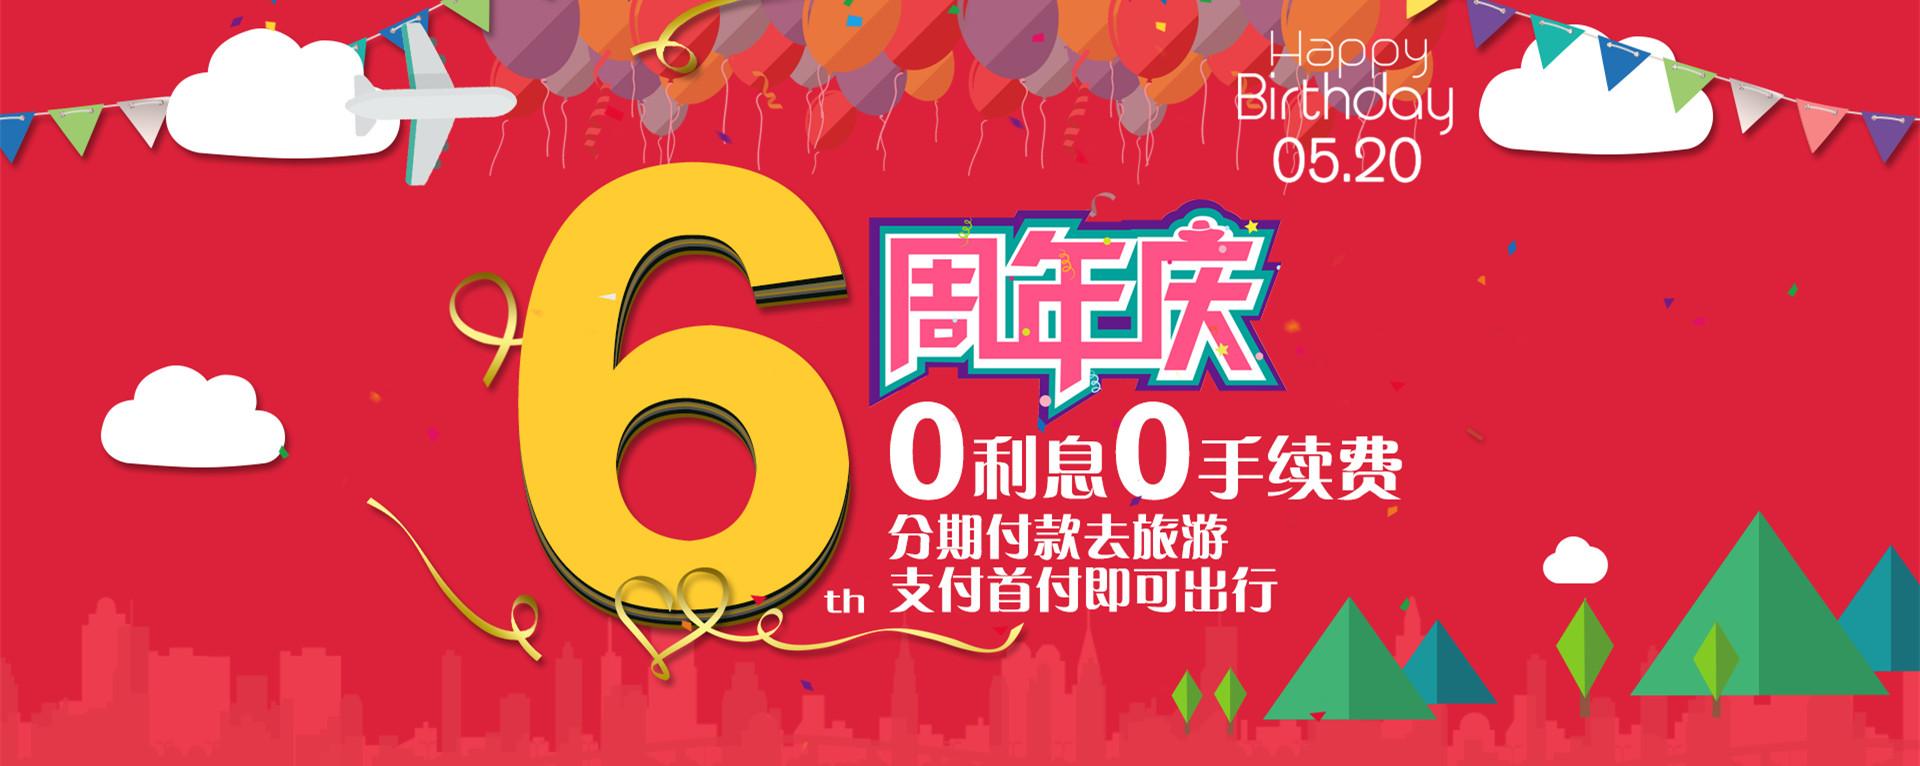 游侠6周年庆